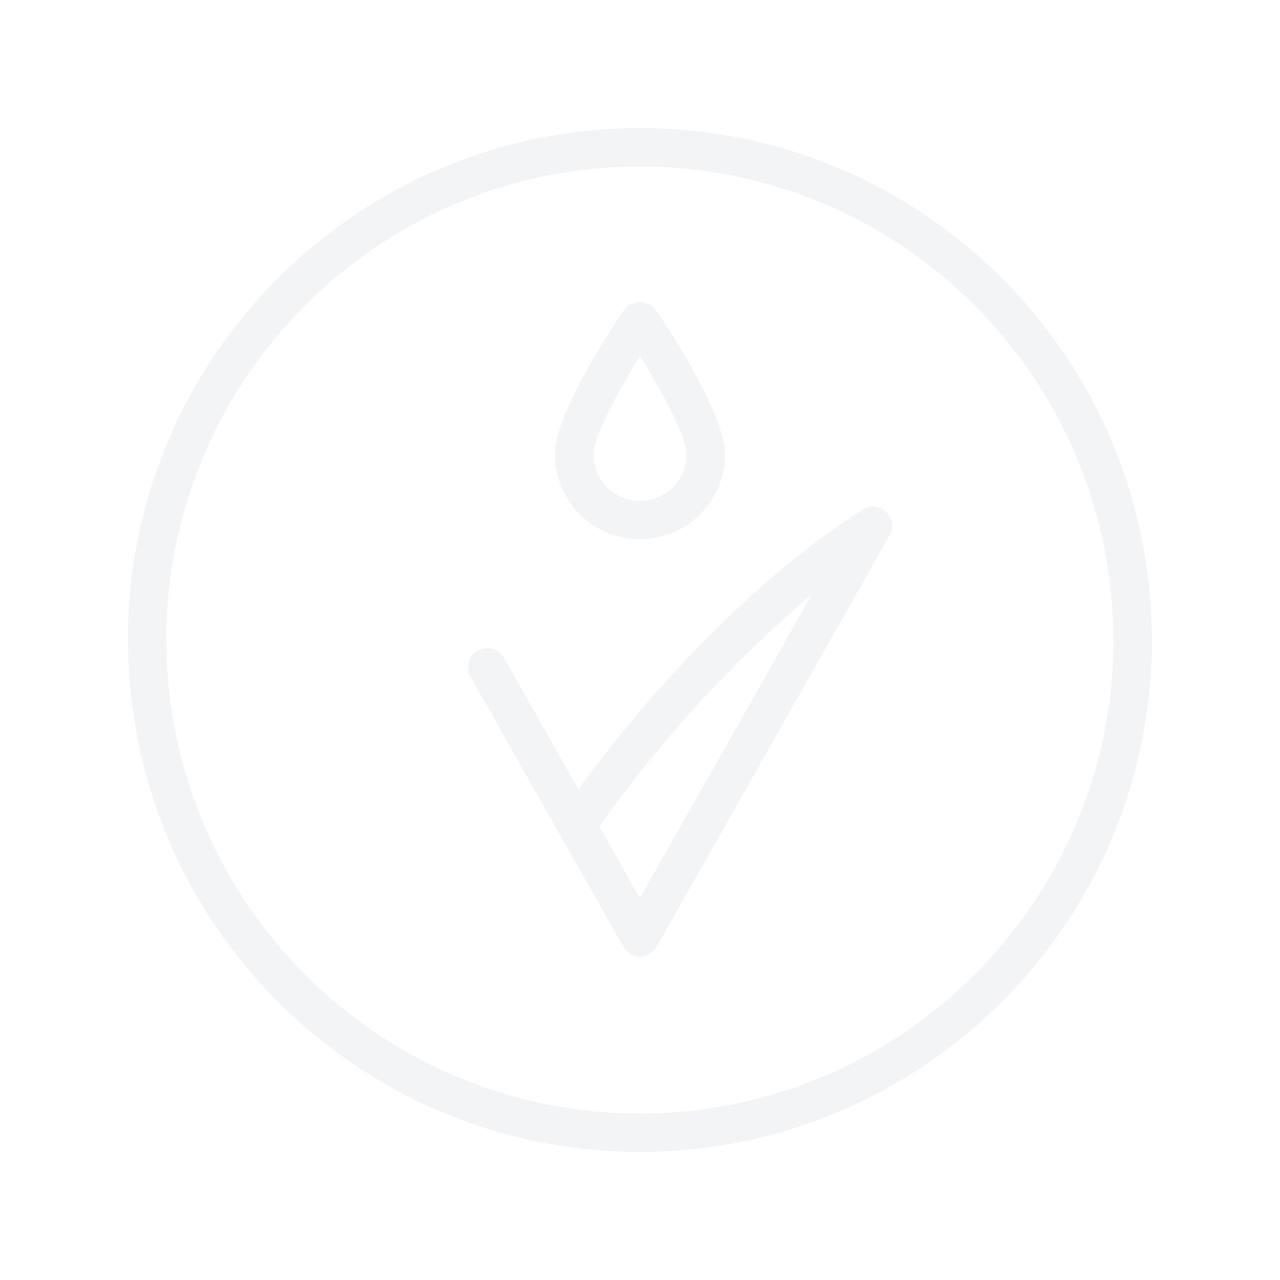 MIZON Bee Venom Calming Fresh Cream 50ml успокаивающий освежающий крем с пчелиным ядом